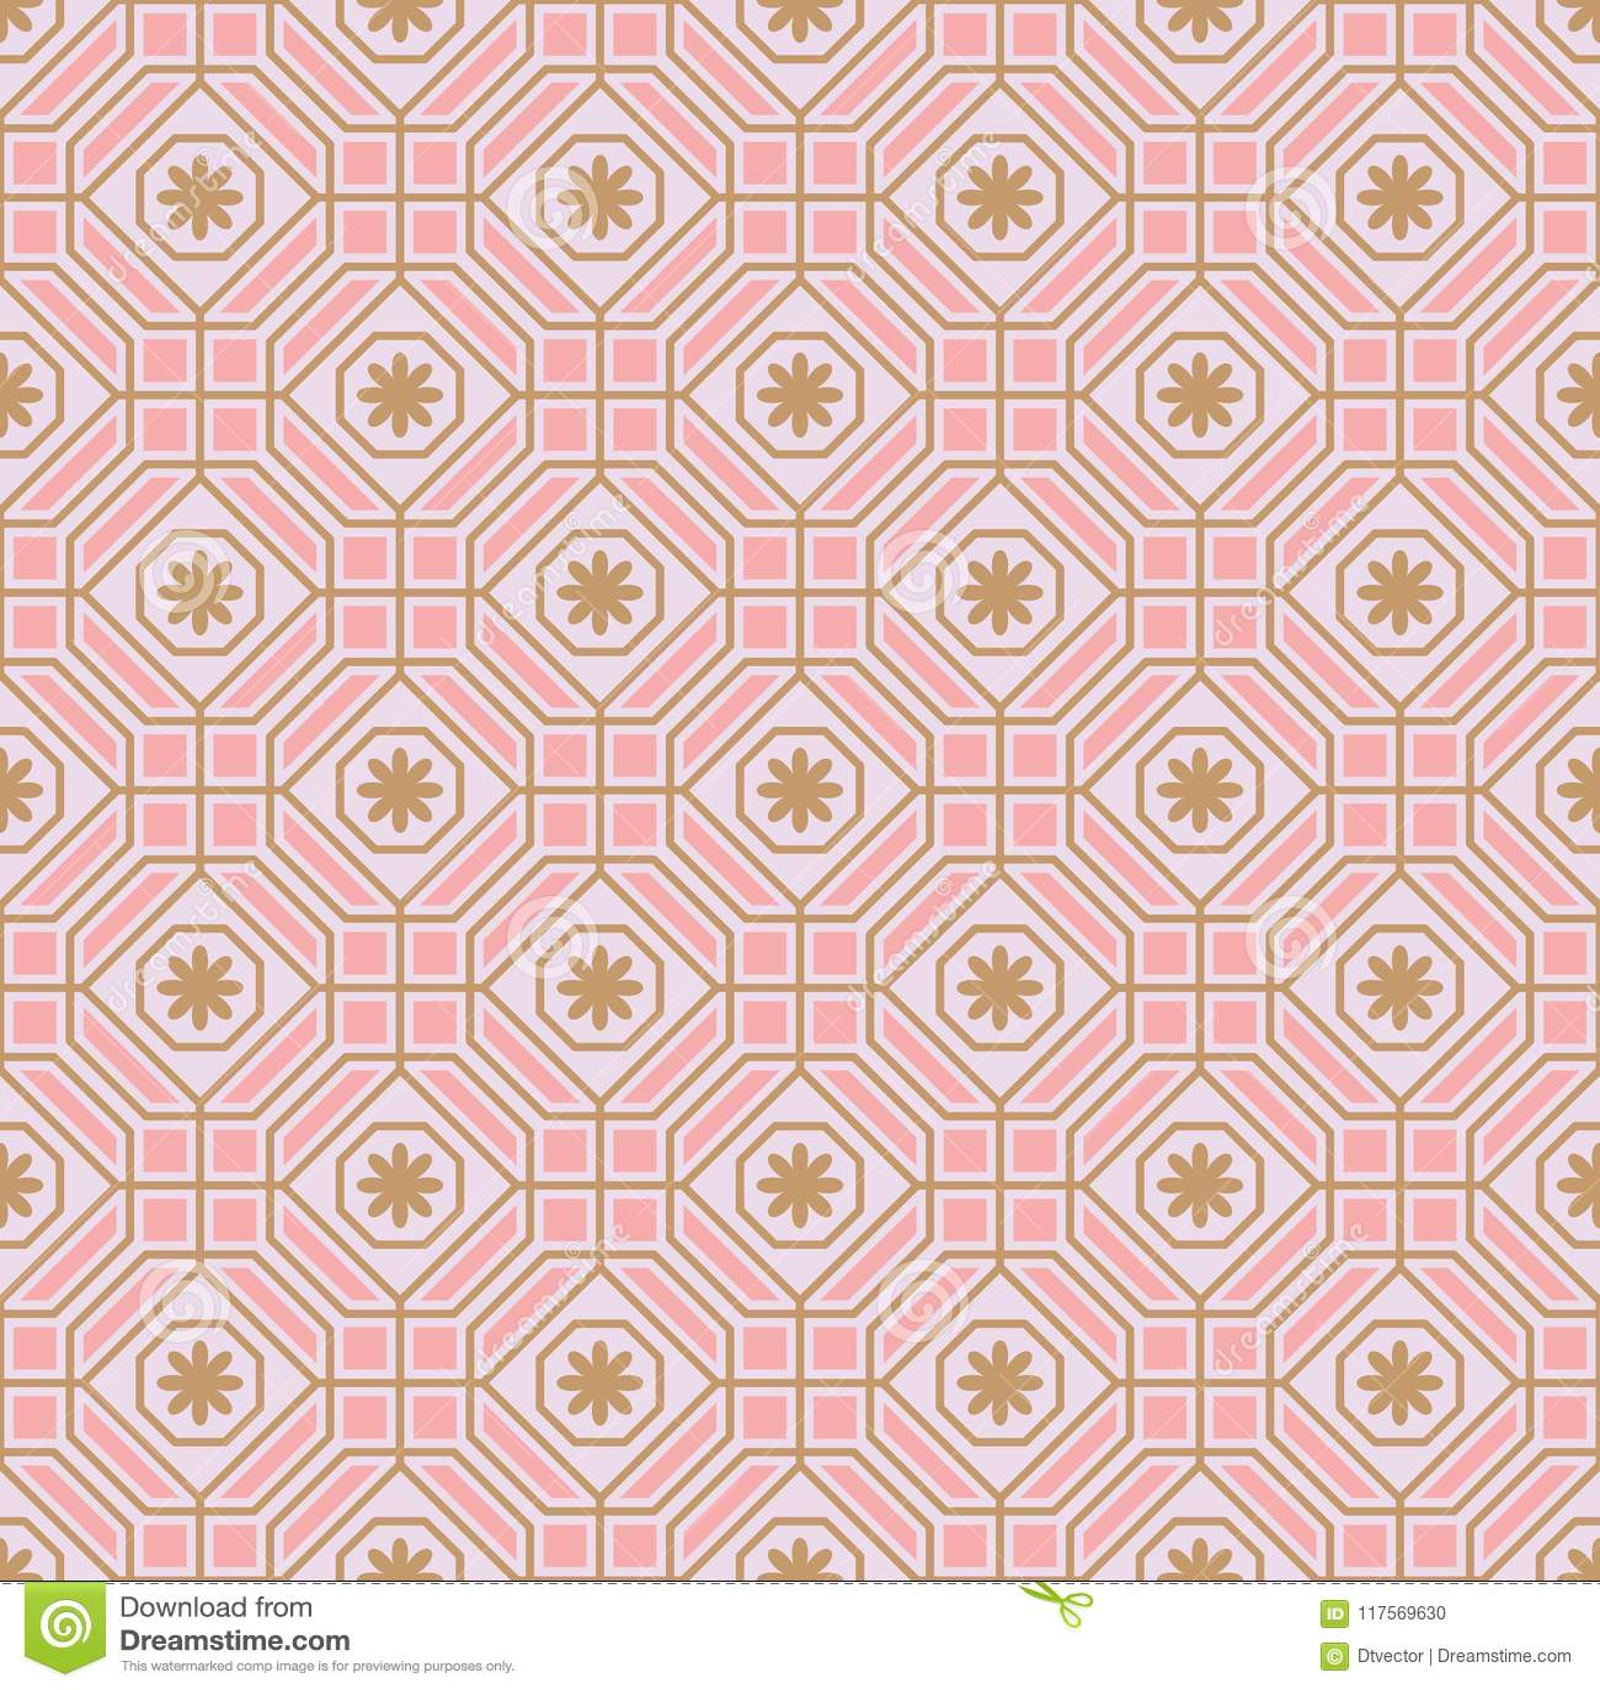 Wielobok linii kwiatu pastelowej symetrii bezszwowy wzór